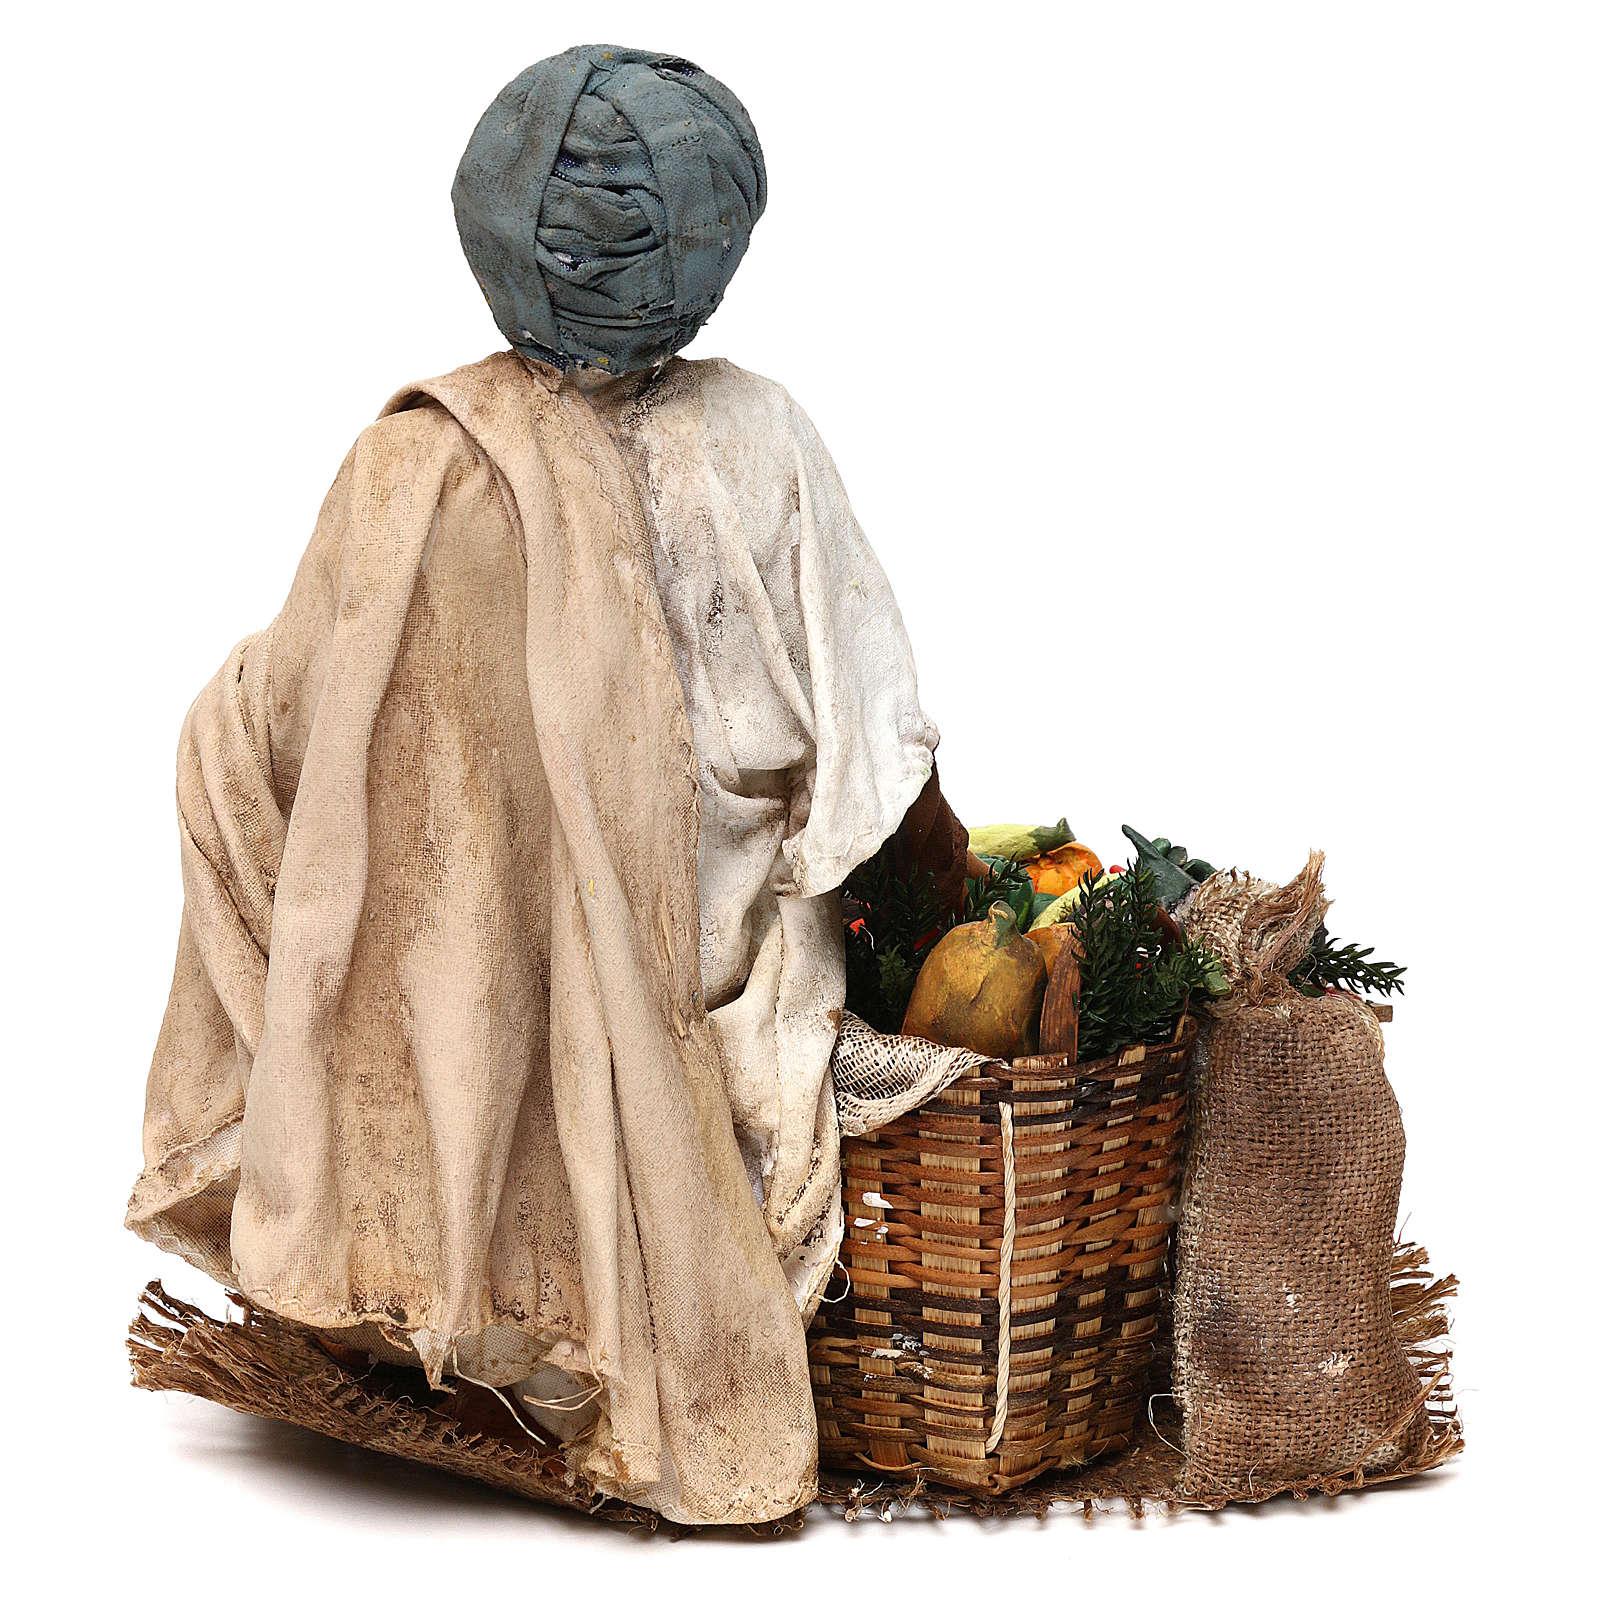 Pastore con ortaggi 18 cm presepe Angela Tripi 4